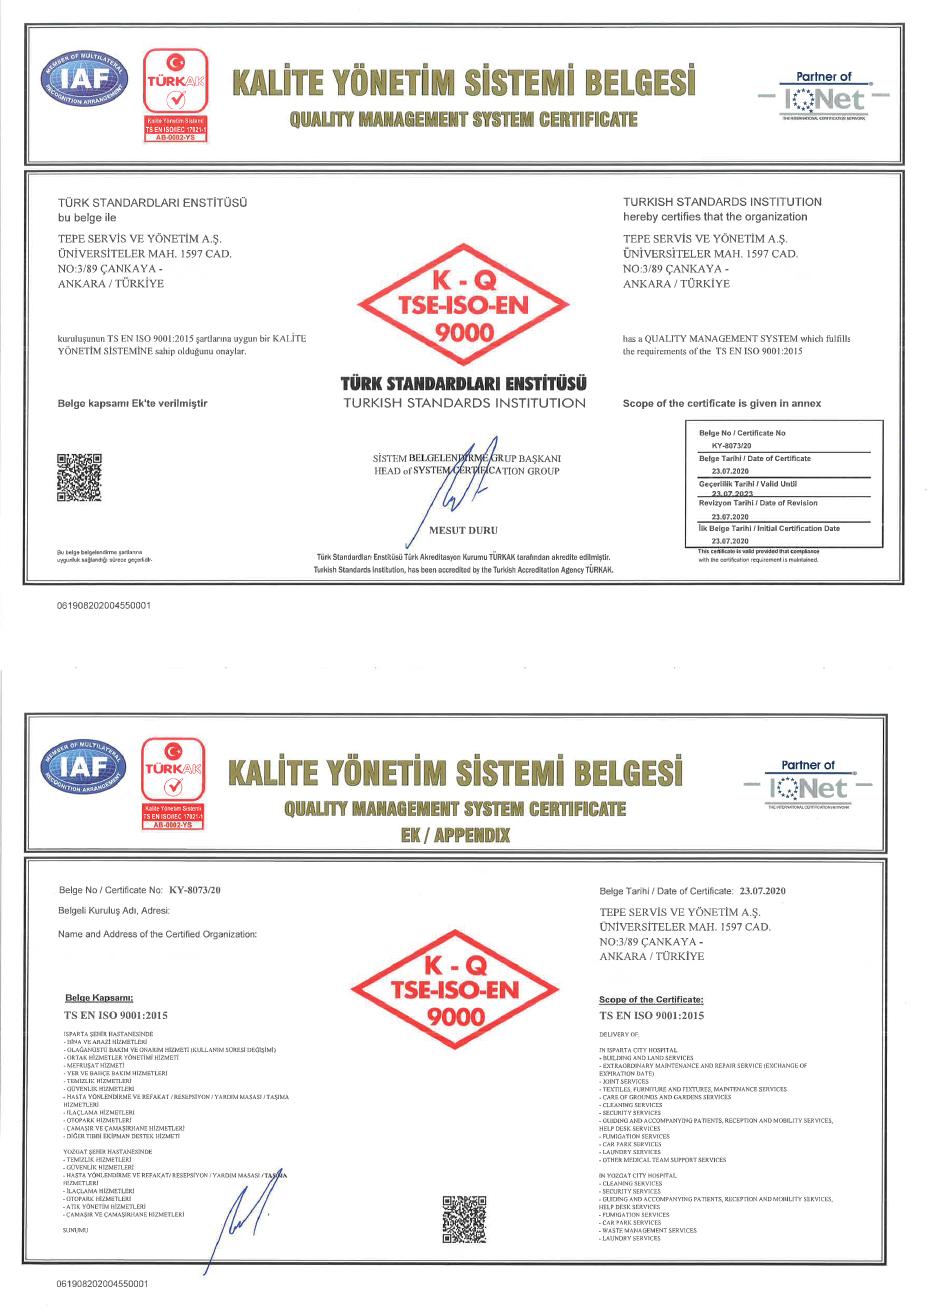 Yozgat Şehir Hastanesi PPP Projesi ISO 9001